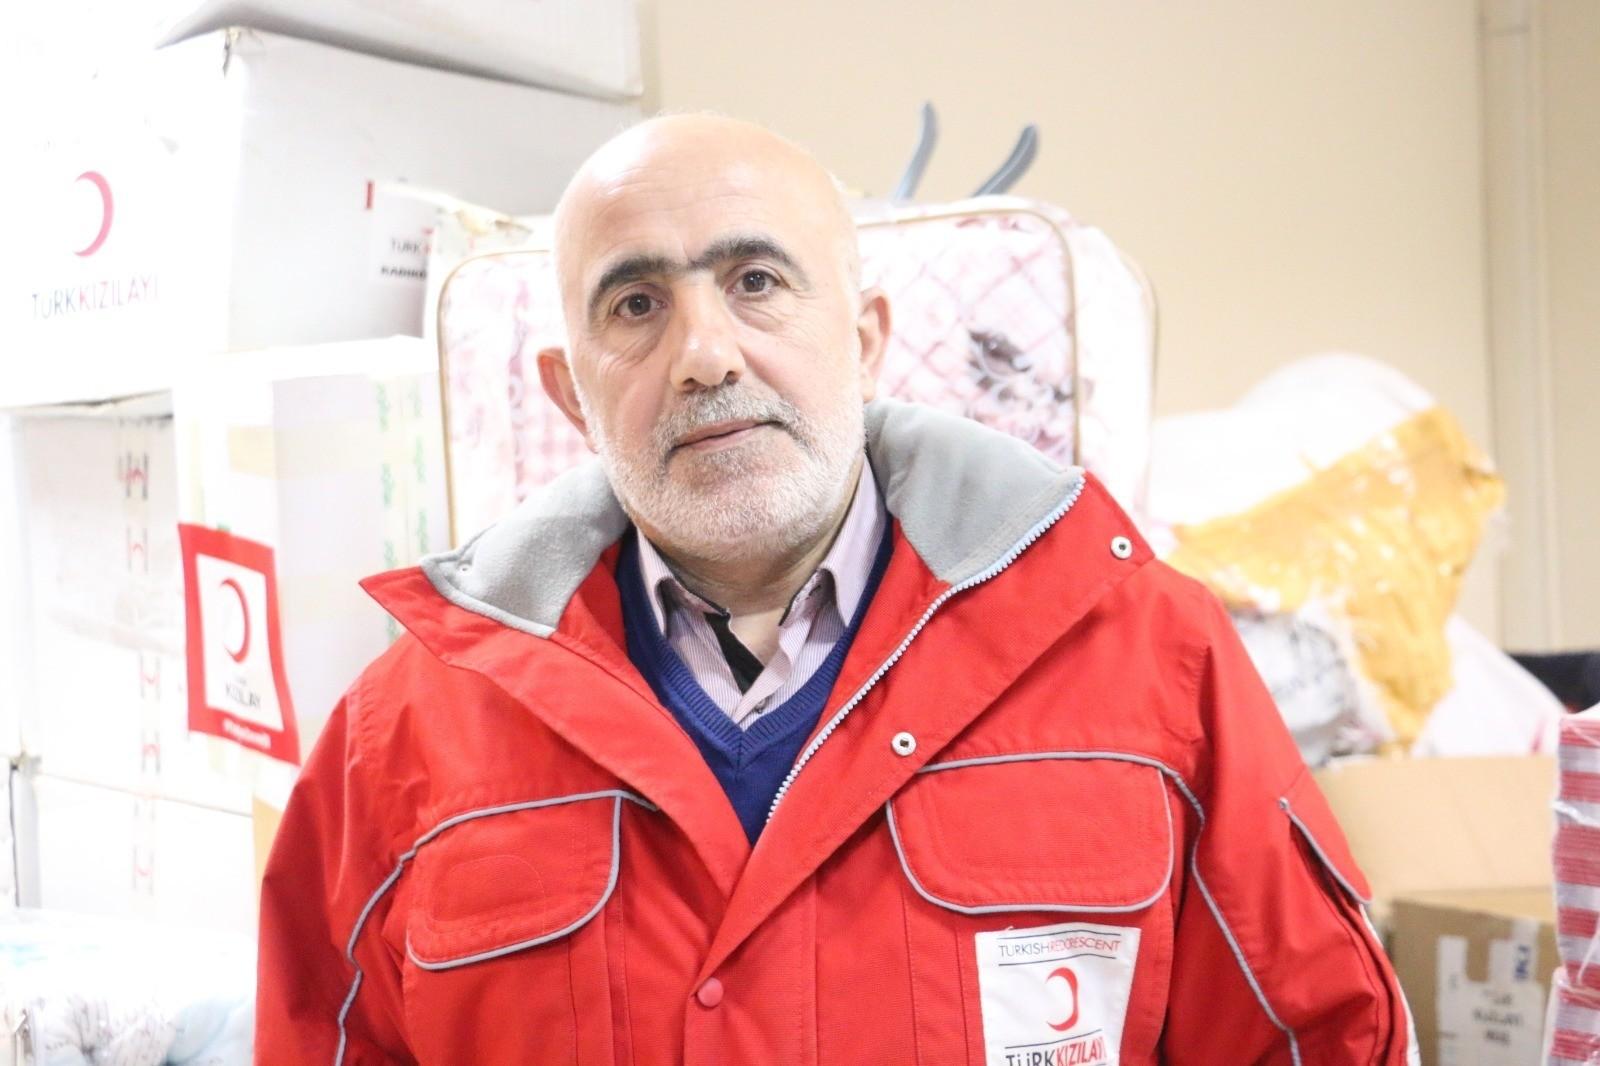 Siirt Kızılay Şubesi'nden kan bağışı çağrısı